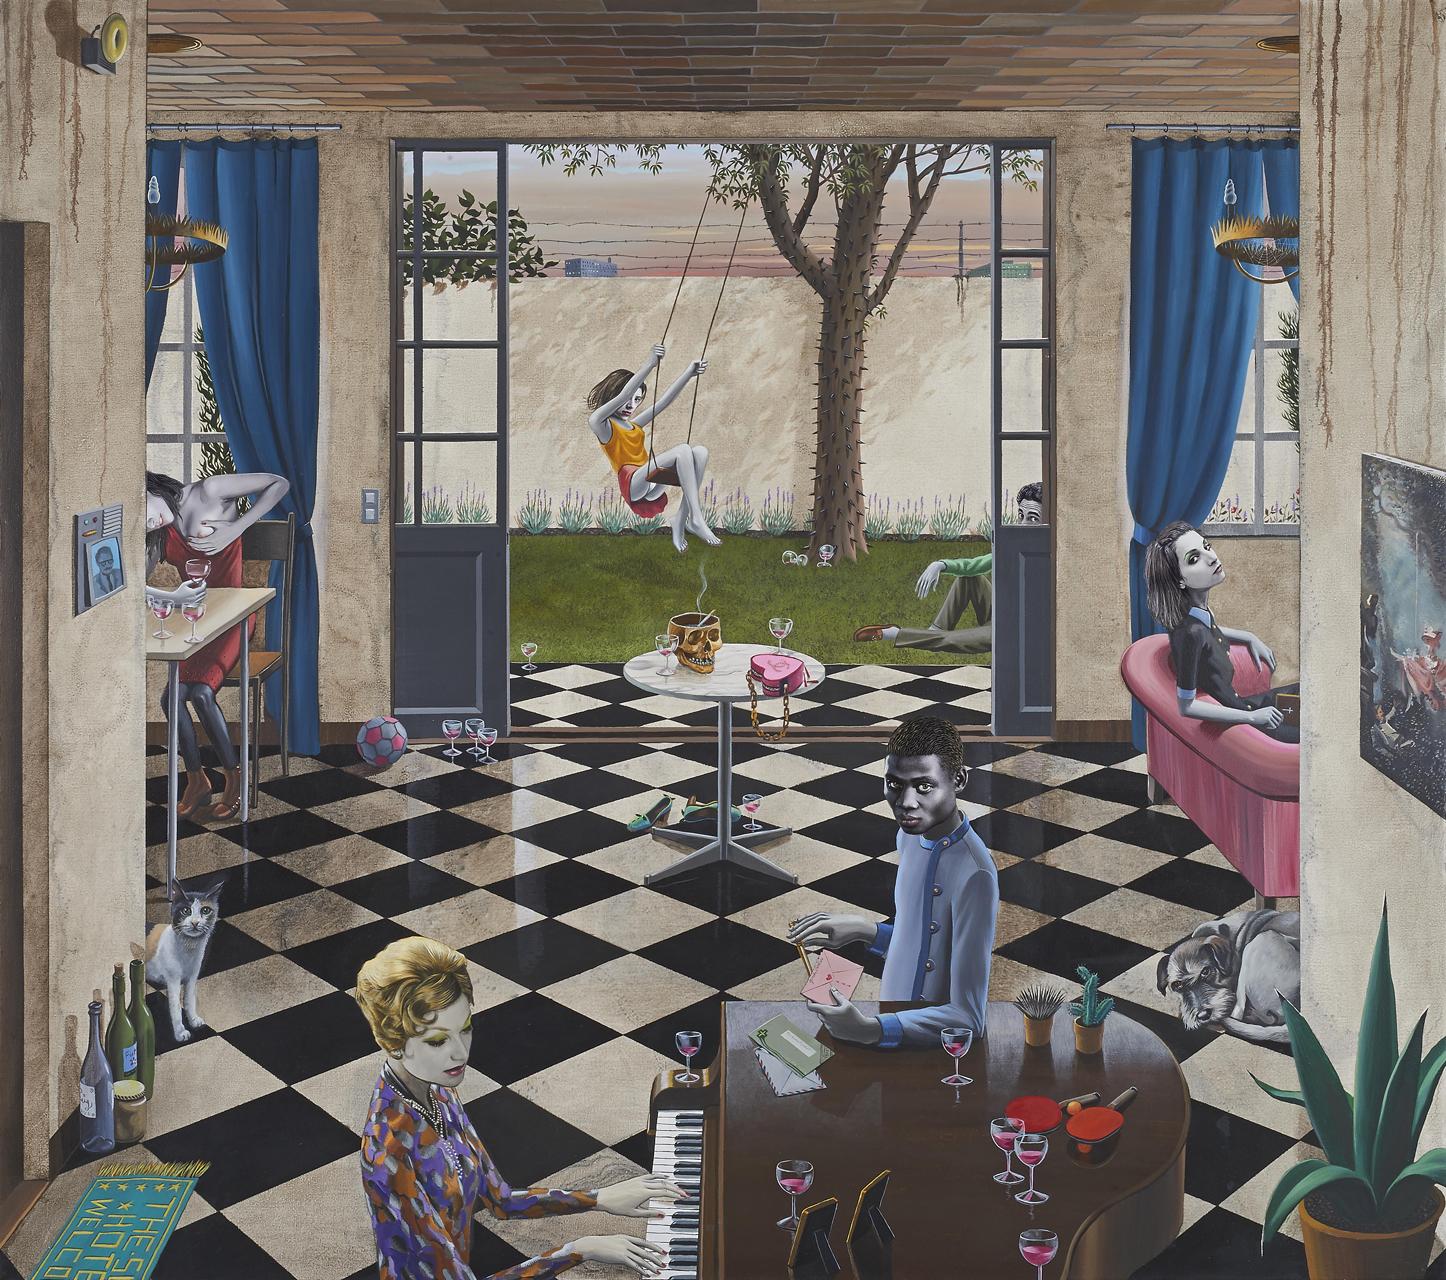 Gino Rubert, The Swing, 2016, Mischtechnik auf Leinwand, 130 x 146 cm